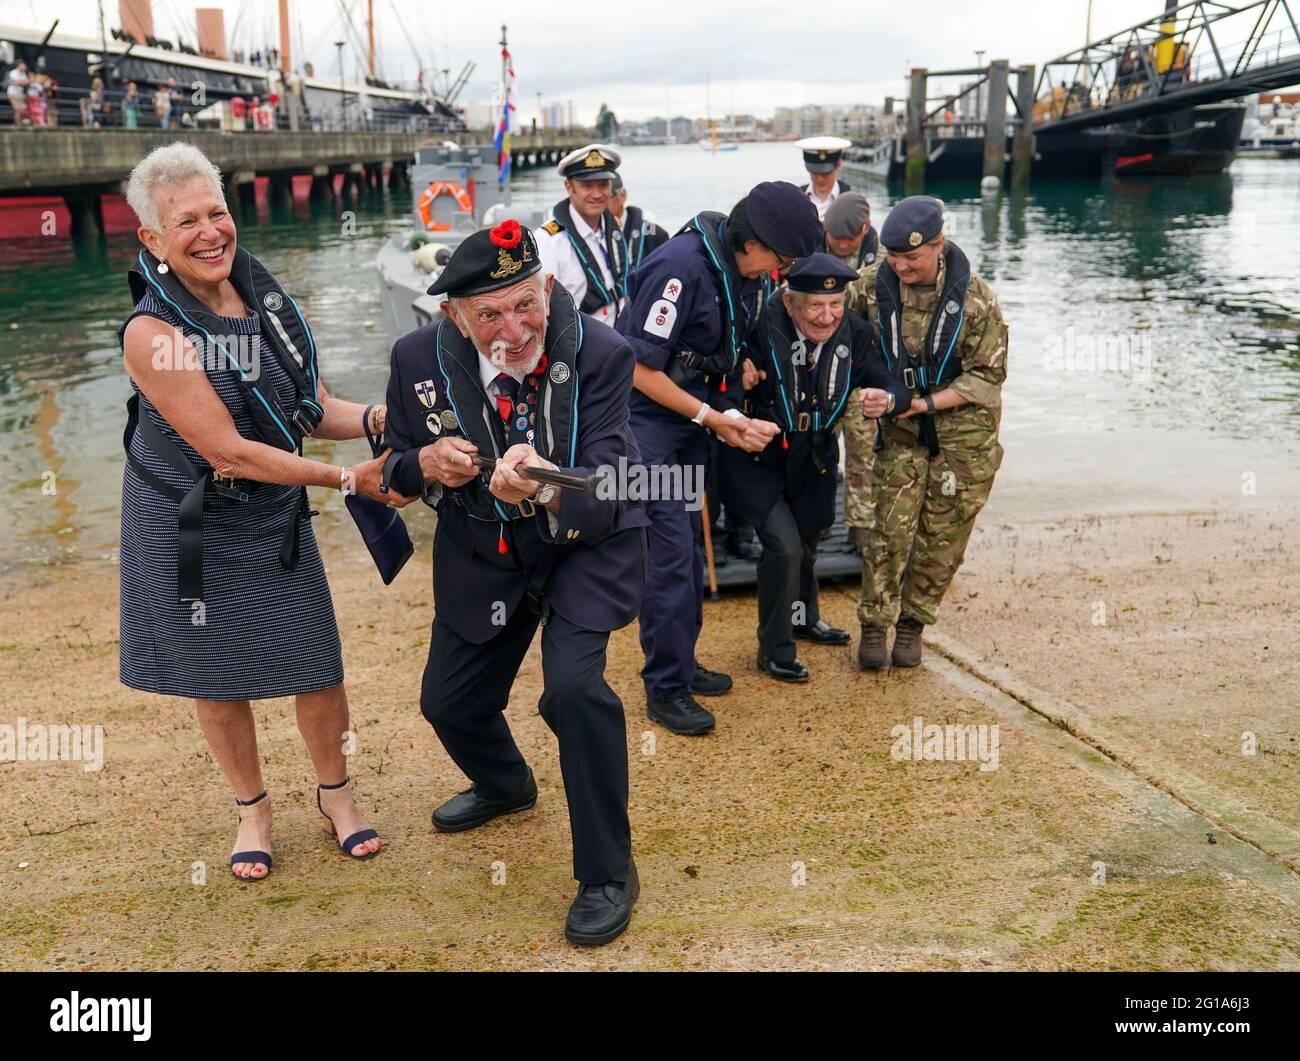 Joe Cattini, Veteran des D-Day, hebt seinen Spazierstock wie ein Maschinengewehr, während er und andere Veteranen in der historischen Hafenanlage von Portsmouth begrüßt werden, um an den 77. Jahrestag der Landung in der Normandie zu erinnern. Bilddatum: Sonntag, 6. Juni 2021. Stockfoto